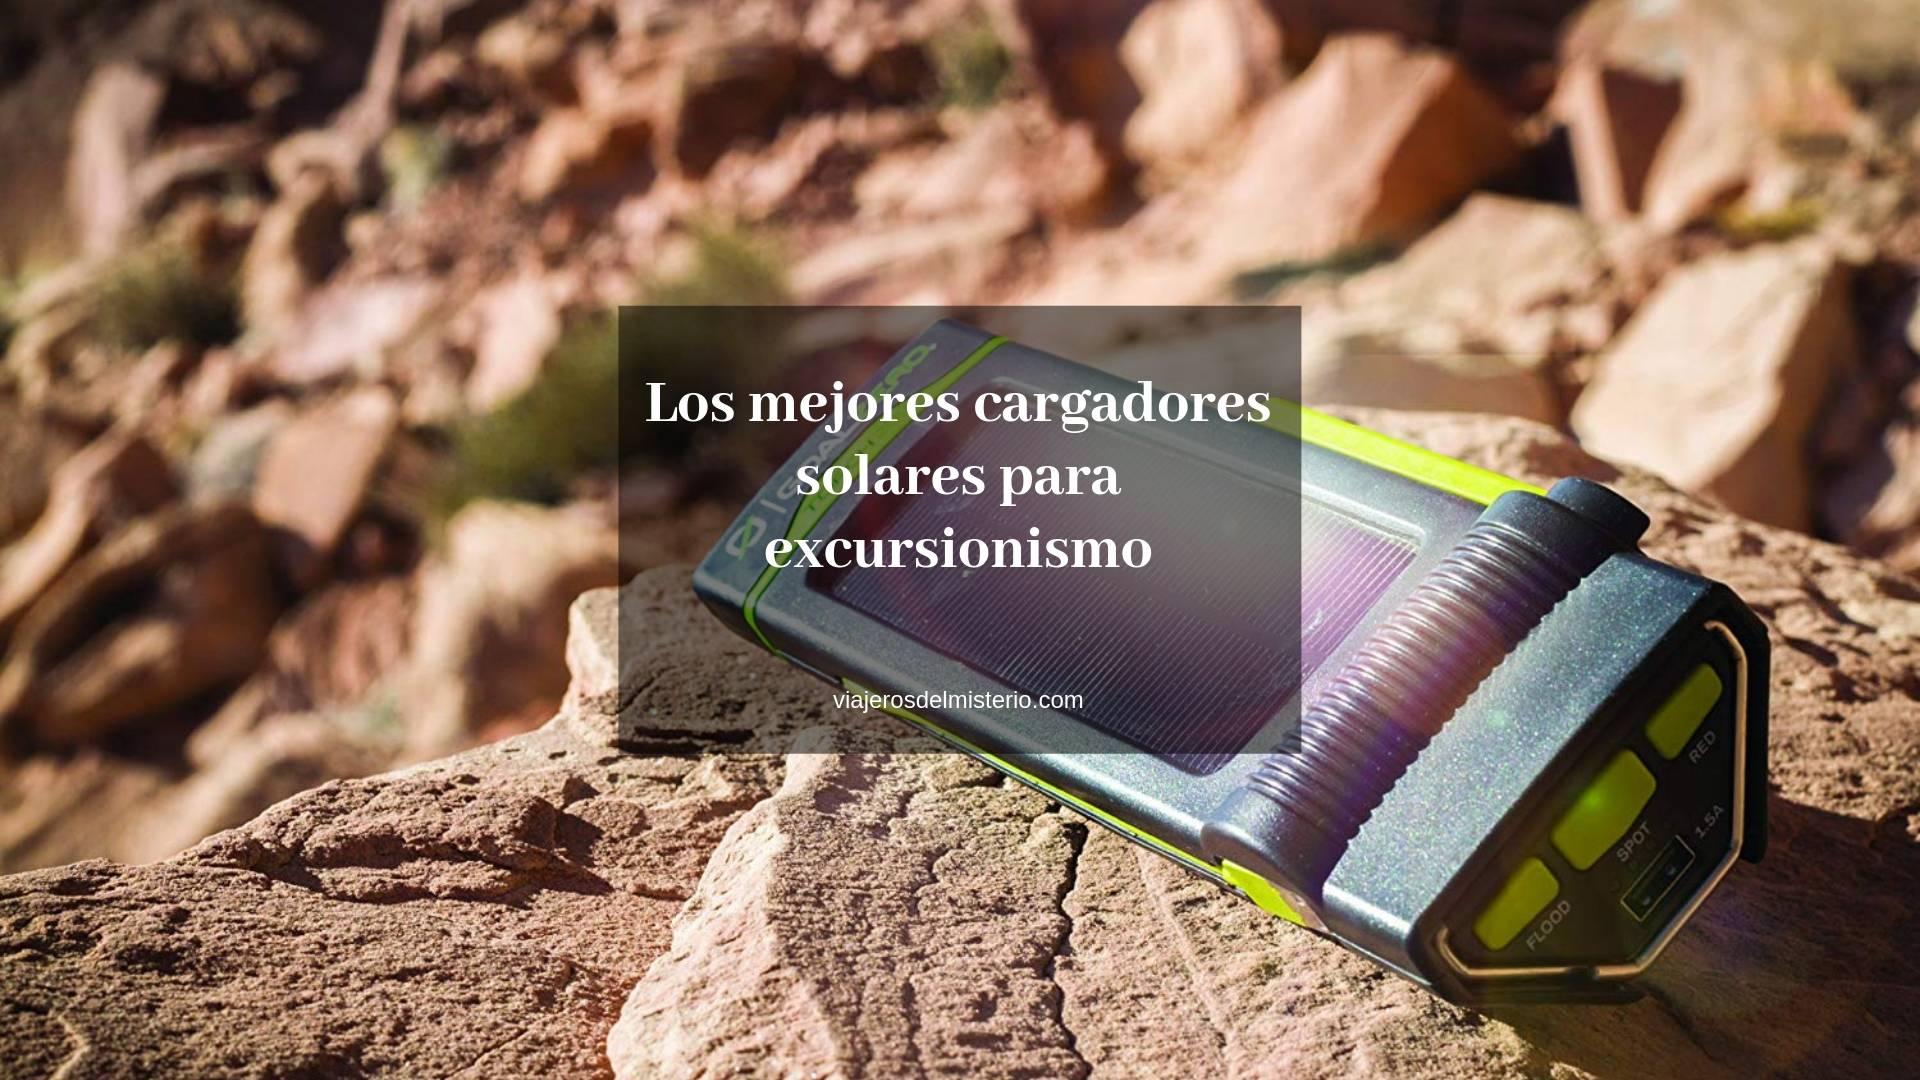 Los mejores cargadores solares para excursionismo